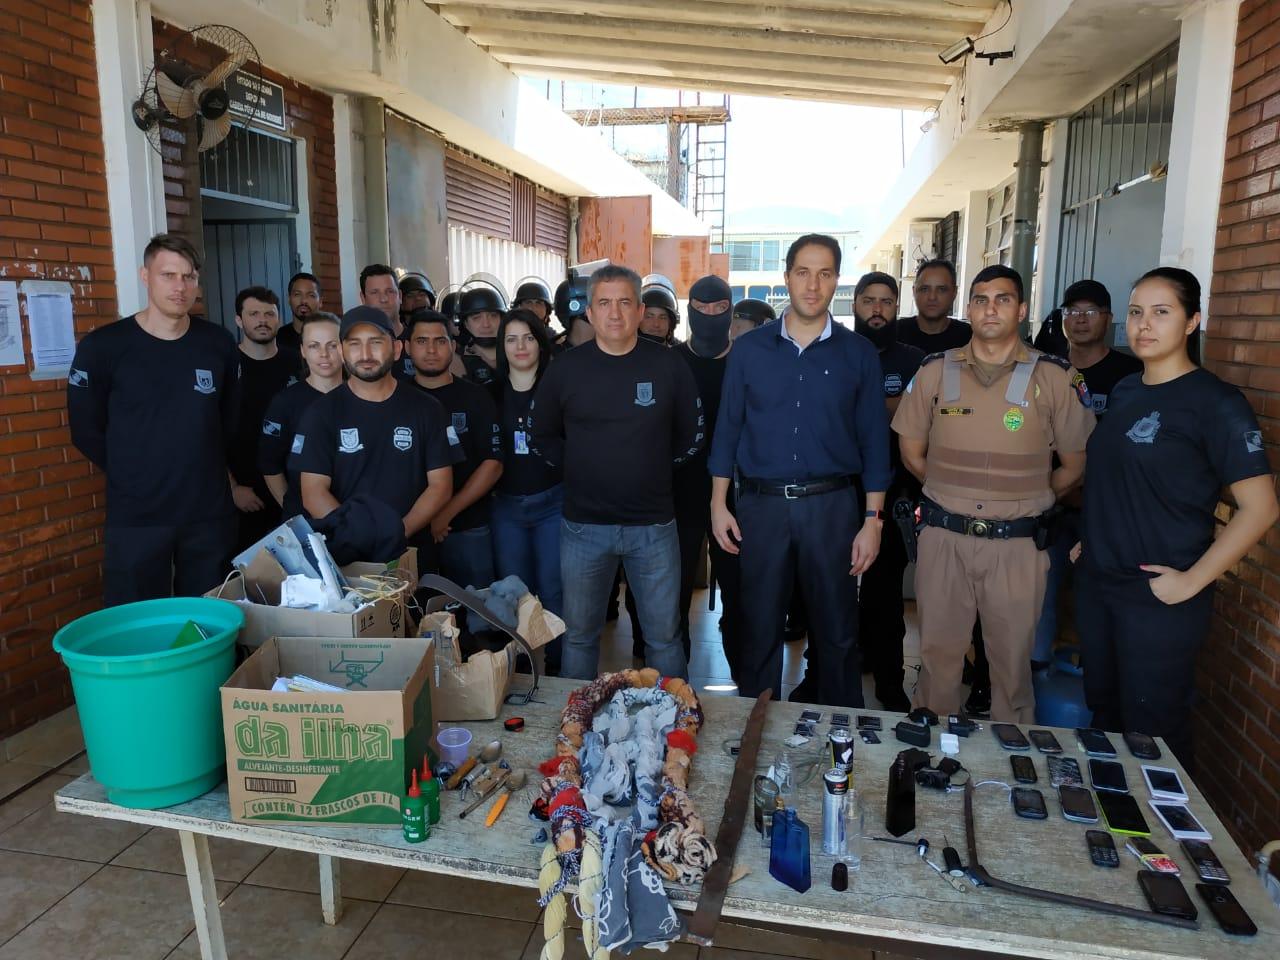 Polícia faz 'bate-grade' na cadeia de Goioerê após nova tentativa de fuga